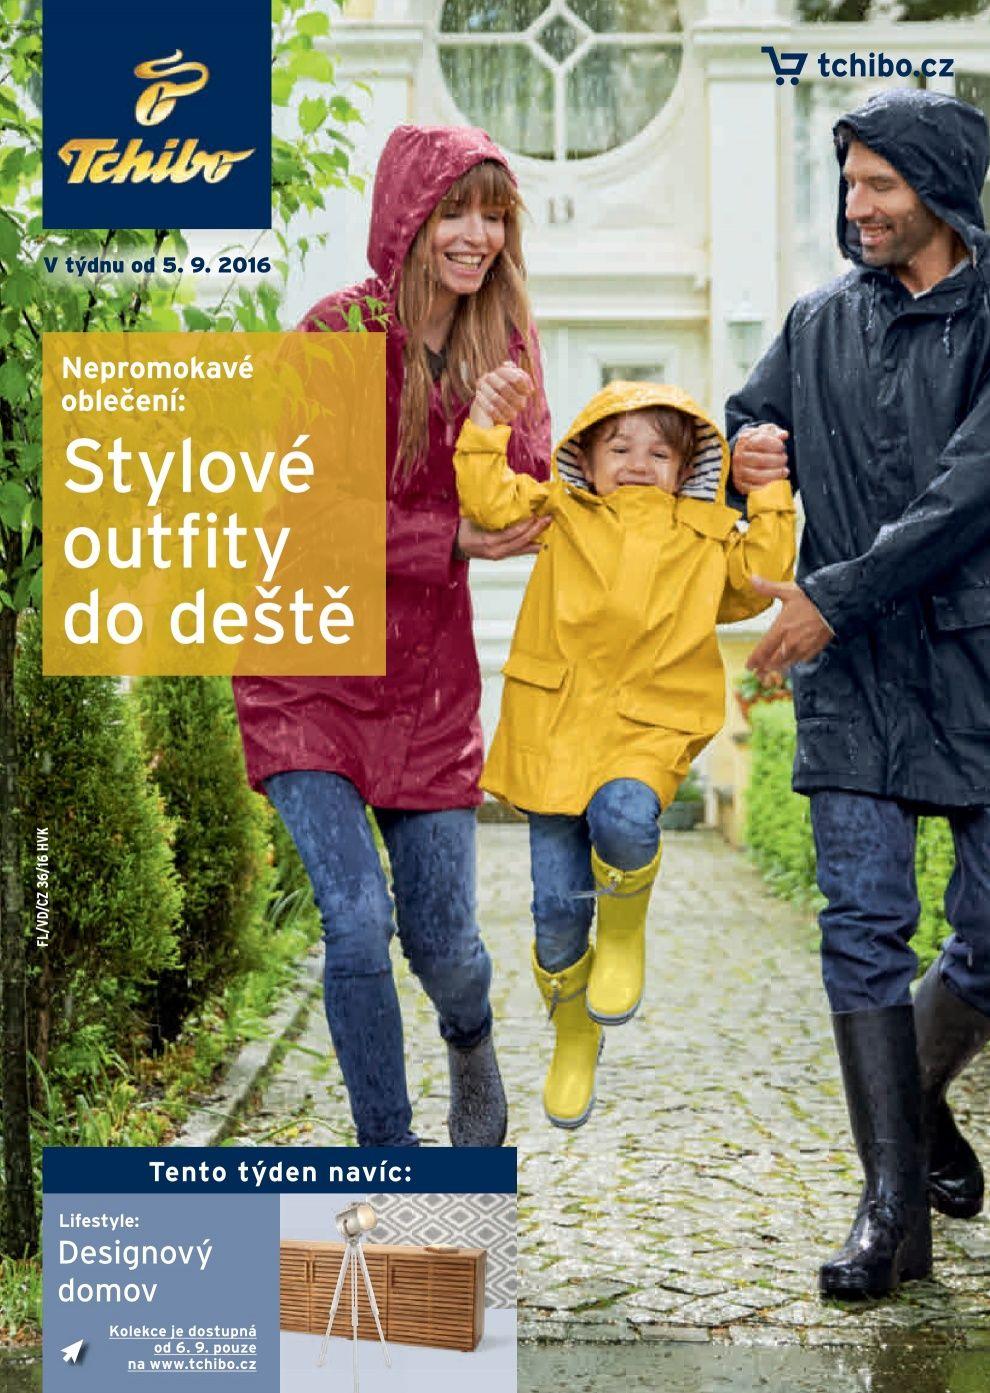 Tchibo nabídka - Stylové outfity do deště celý leták Tchibo eeada17155